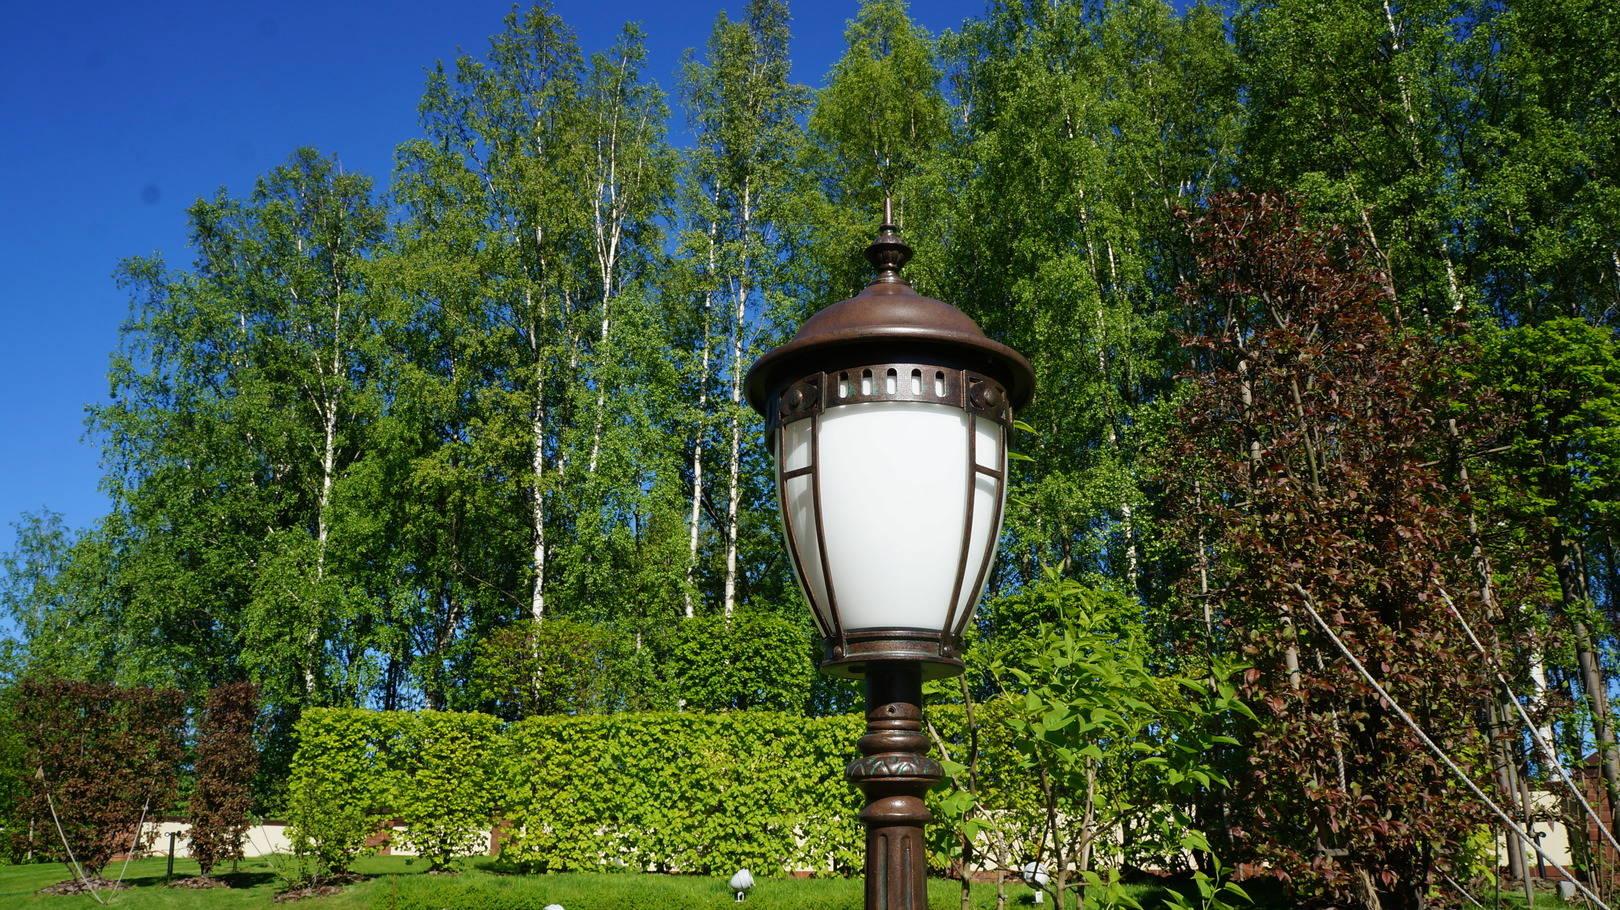 Садовые фонари, малые архитектурные формы придают саду особый шарм.